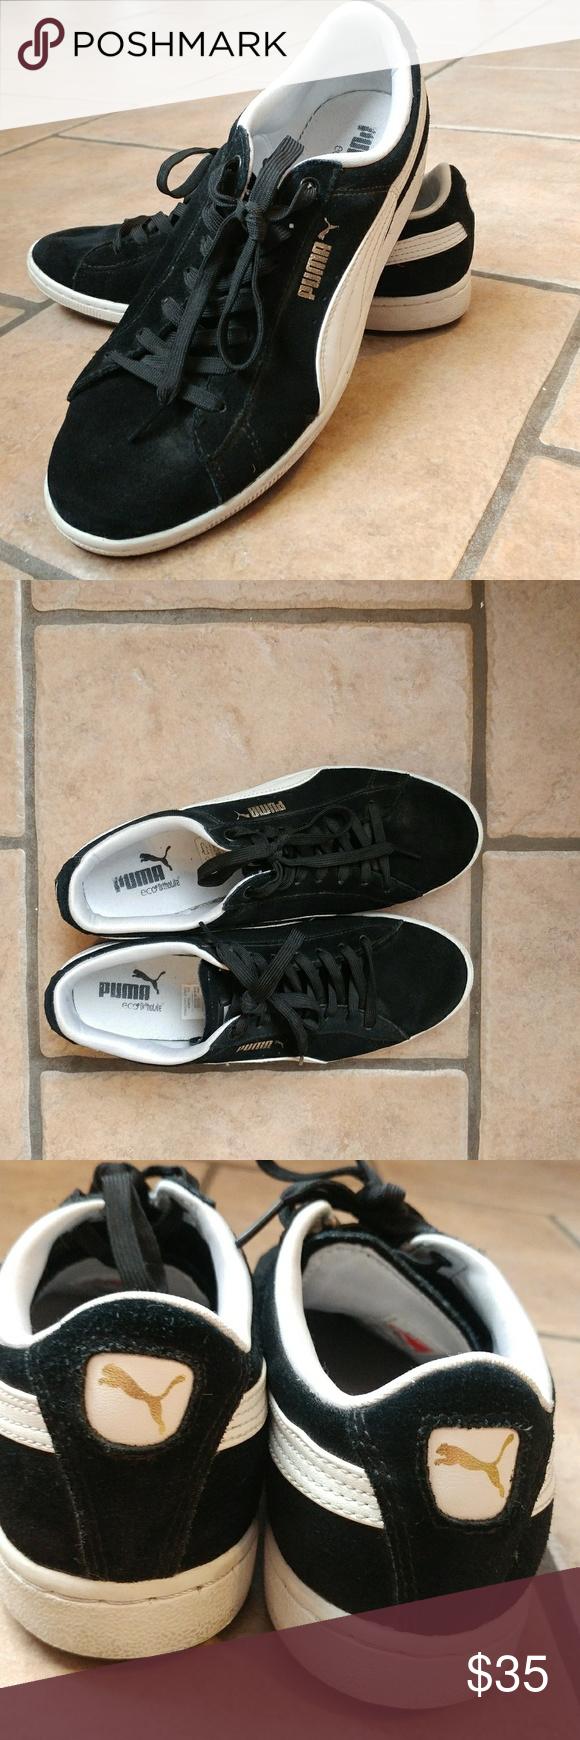 PUMA Eco Ortholite Classic Black & White Shoe Pre Owned PUMA